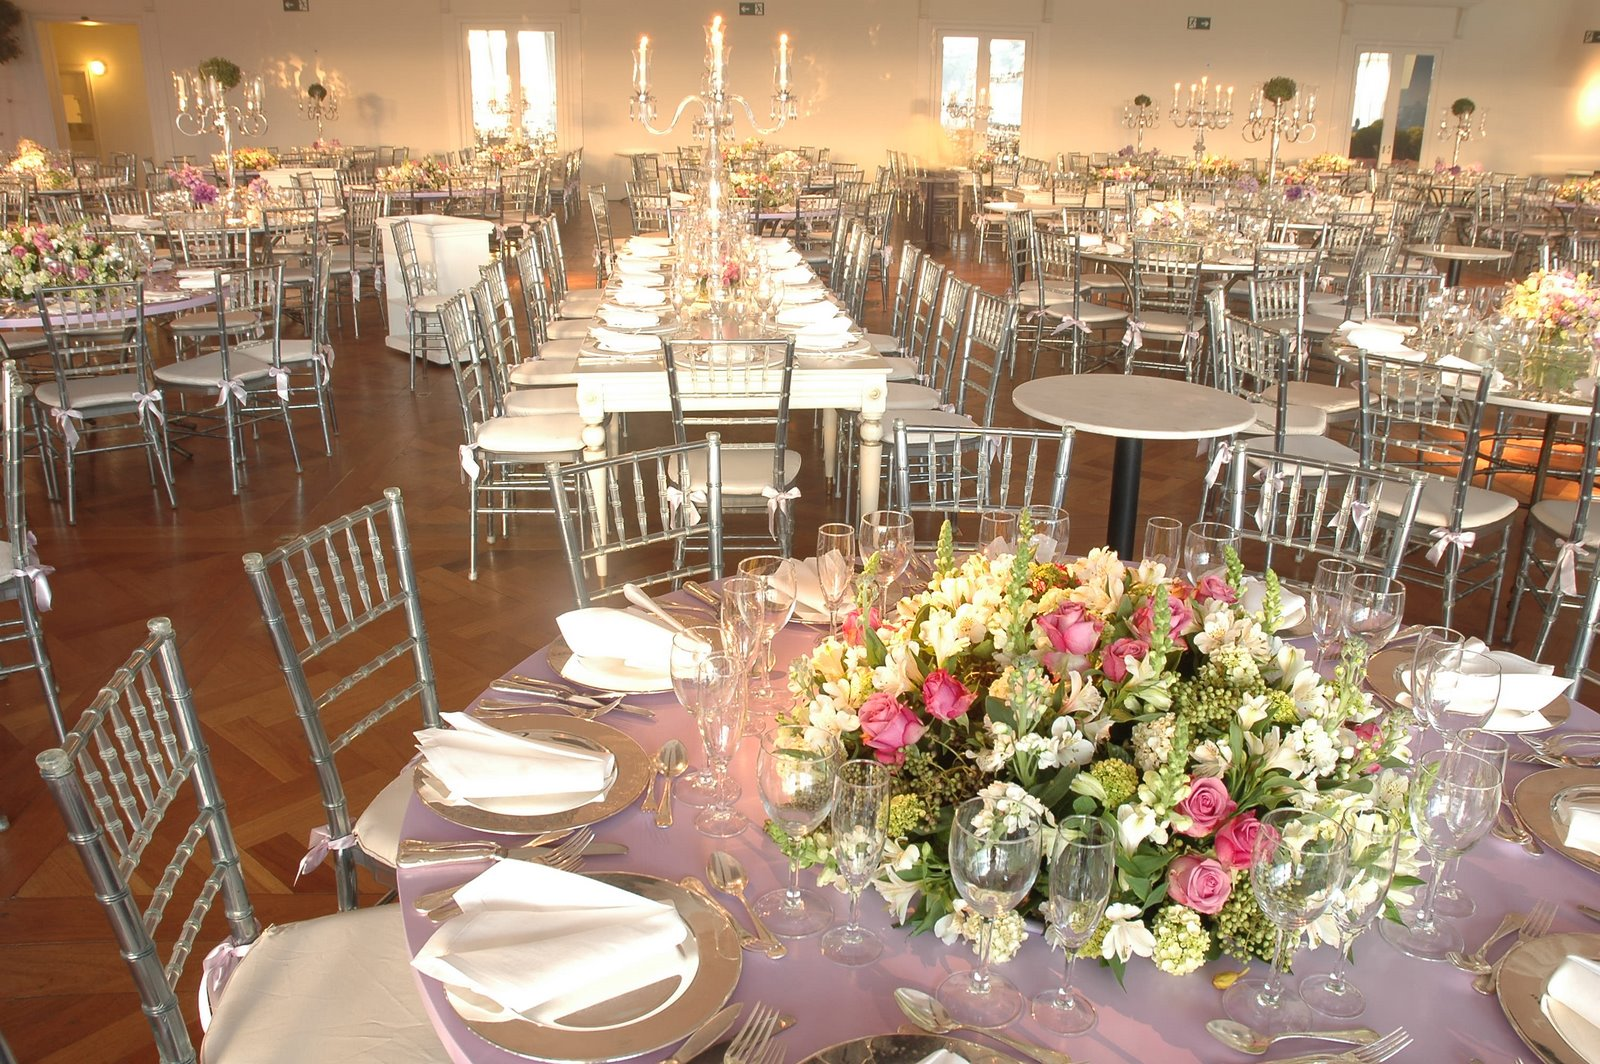 decoracao de casamento que eu posso fazer:Decoração para Festa de Casamento com Flores